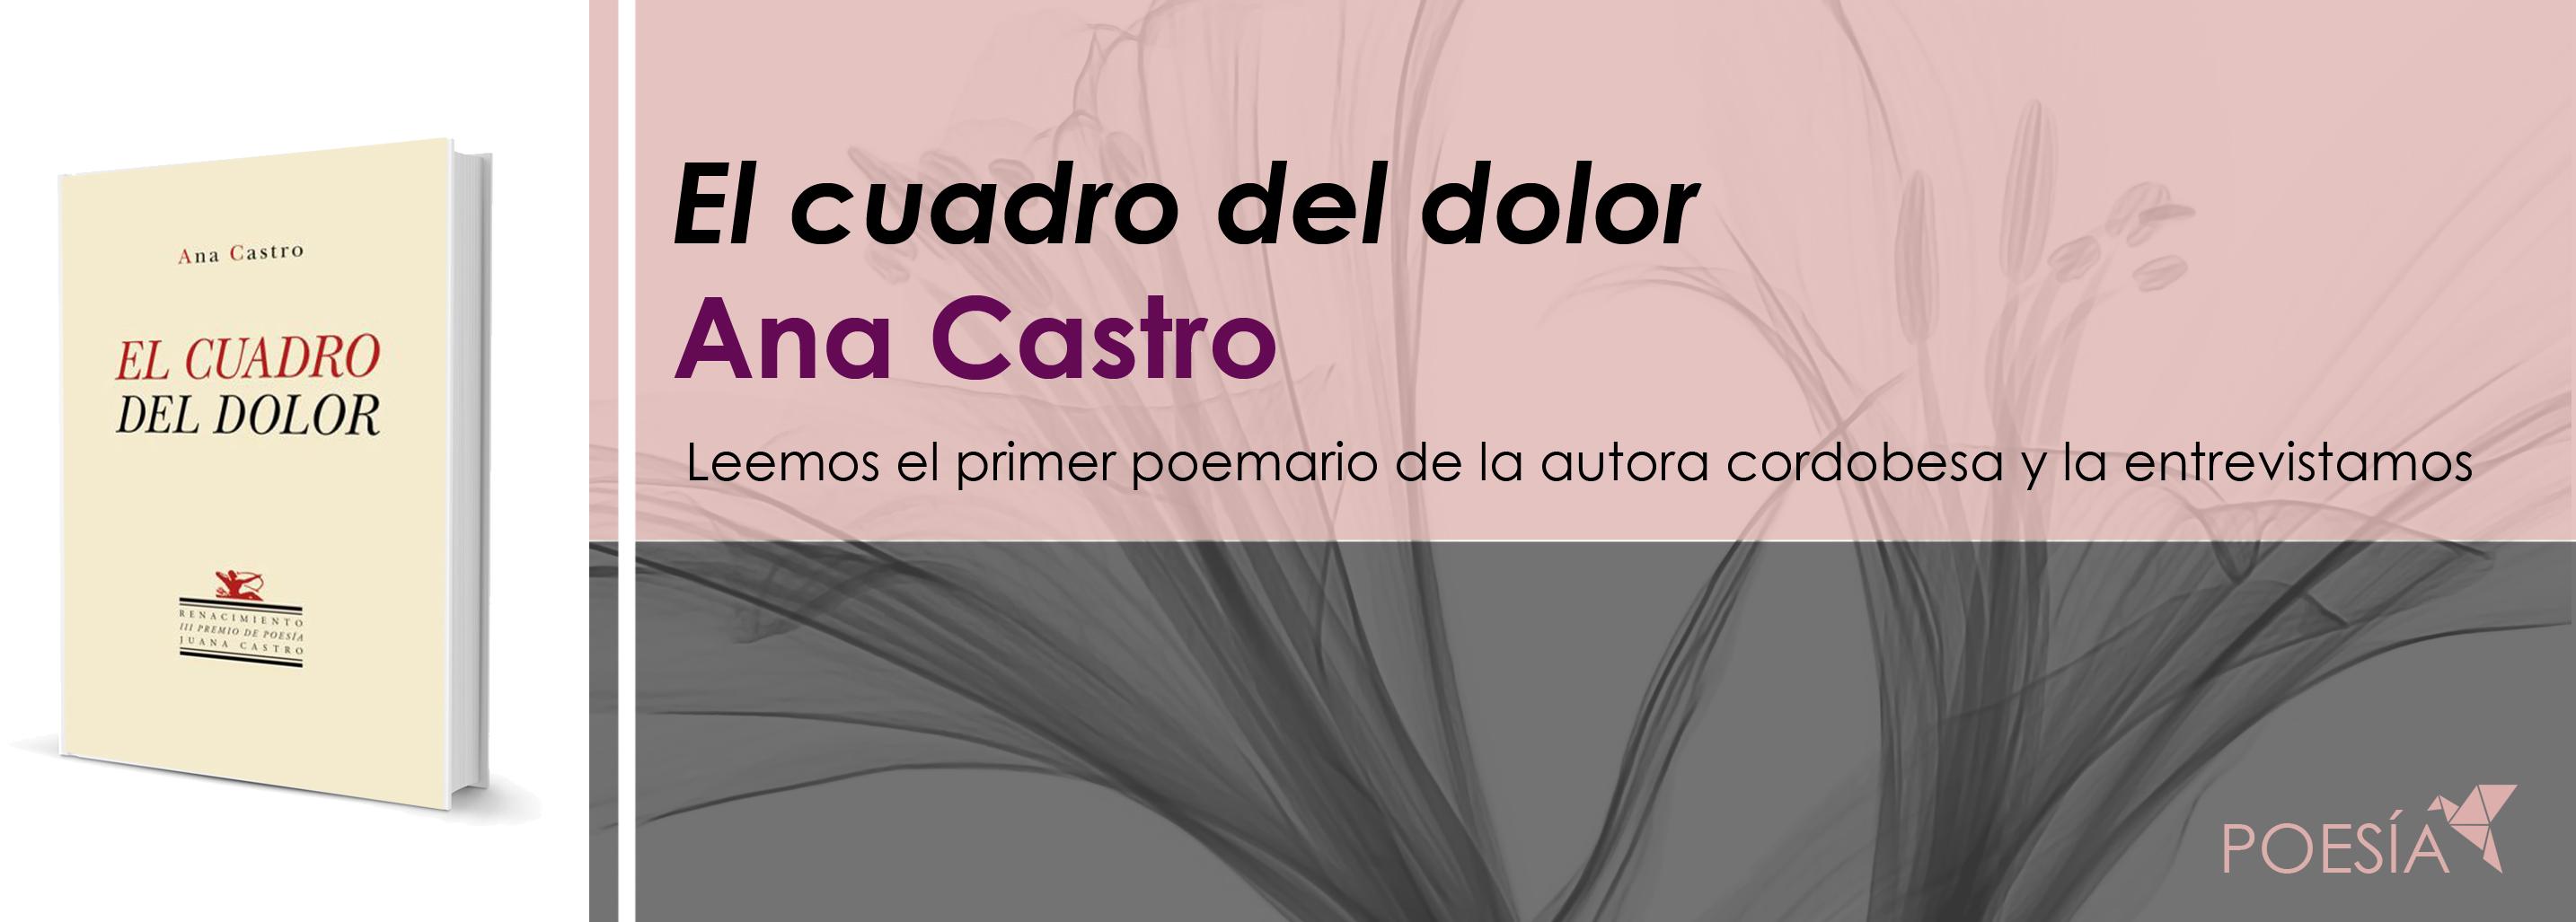 Leemos El cuadro el dolor con Ana Castro